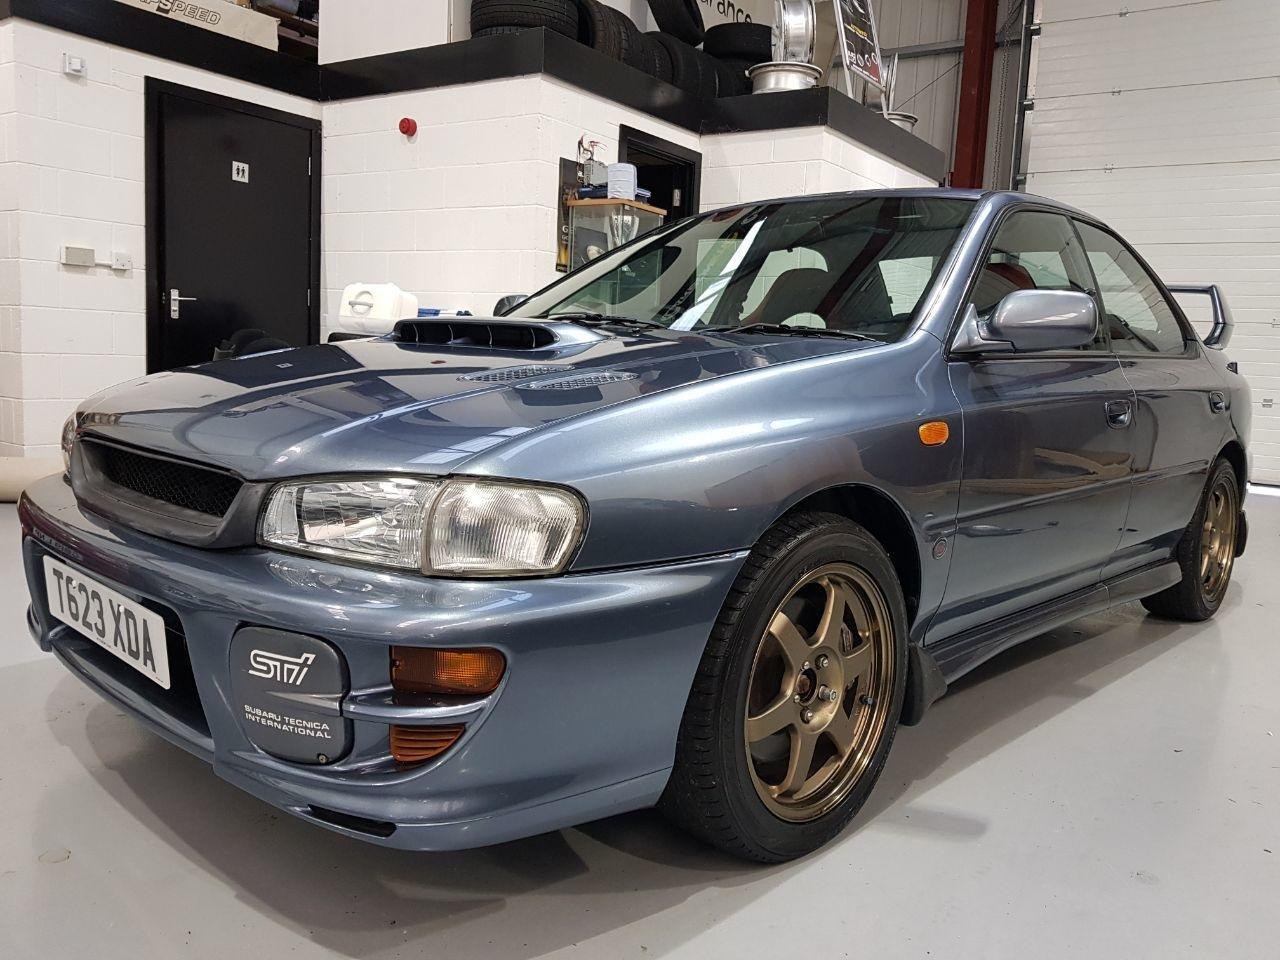 1998 Subaru Impreza 2.0 WRX STI Version 6 - GC8 For Sale (picture 1 of 5)